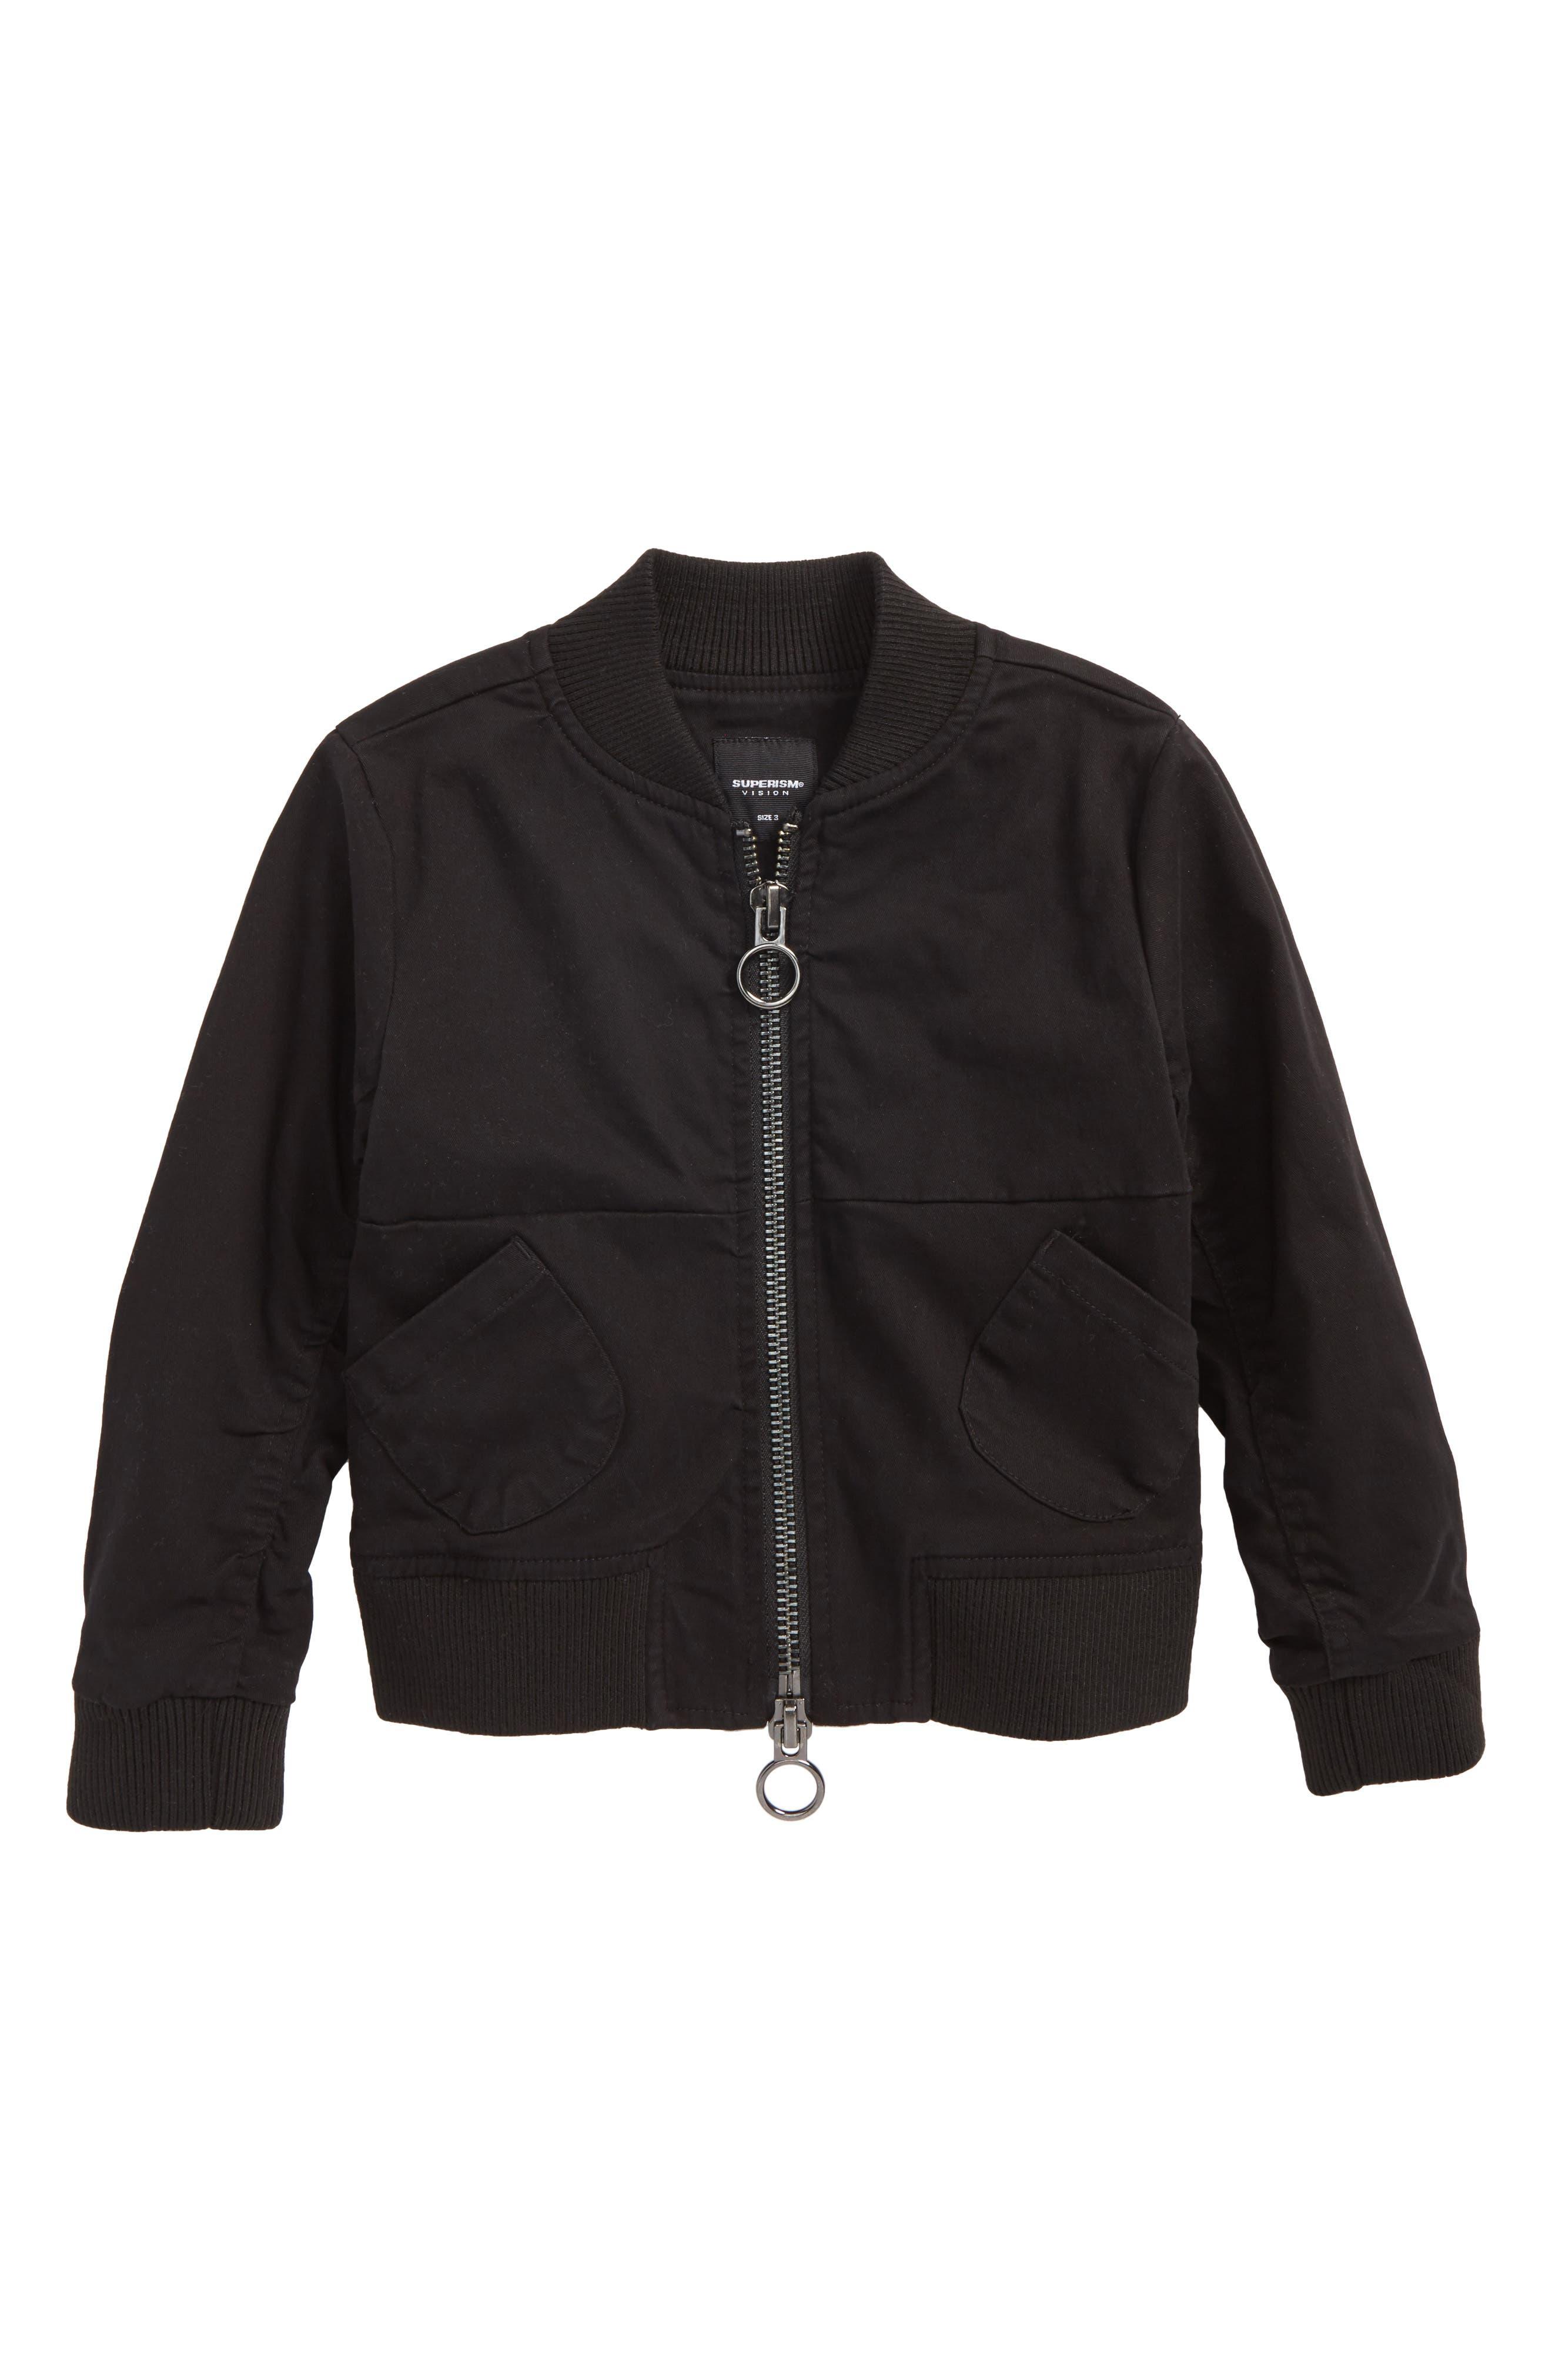 Charlie Bomber Jacket,                         Main,                         color, Black